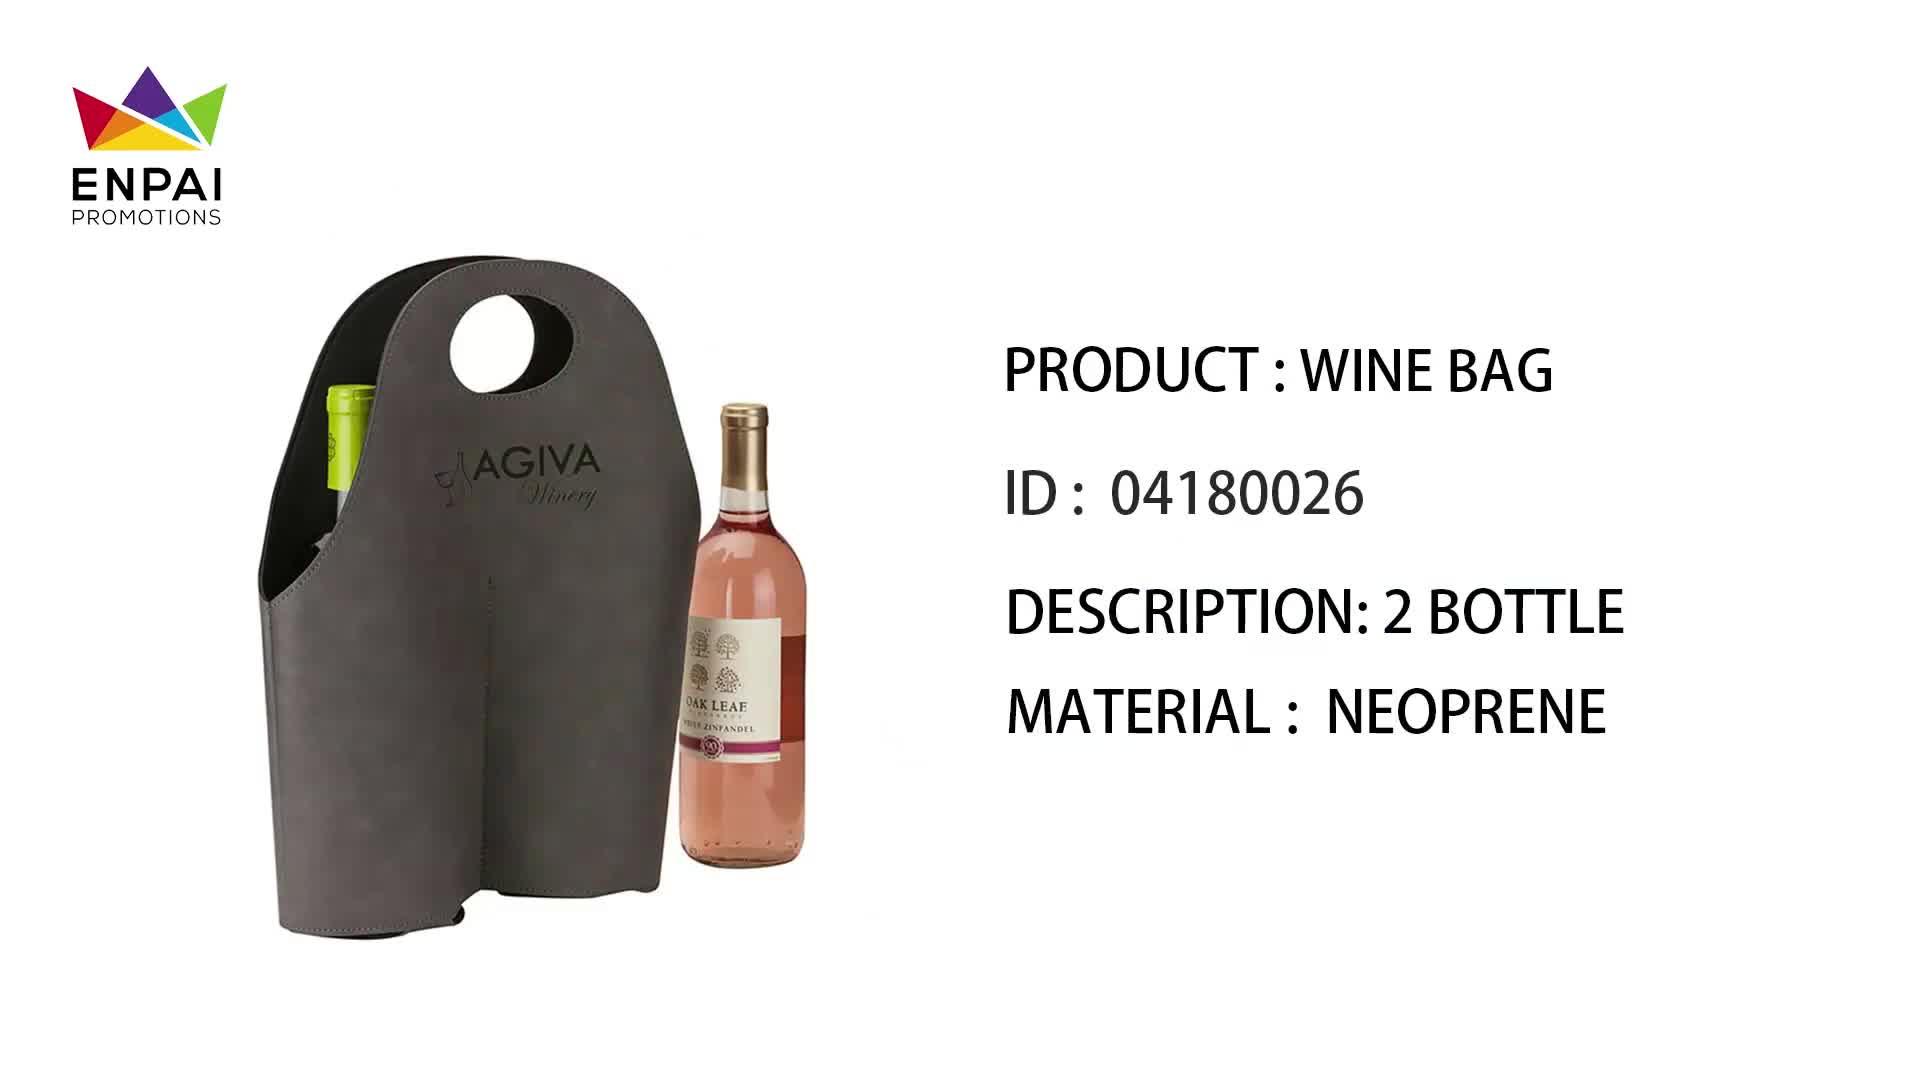 ของขวัญพรีเมี่ยมของกล่องไวน์ไม้ที่กำหนดเองสำหรับการส่งเสริมการขาย